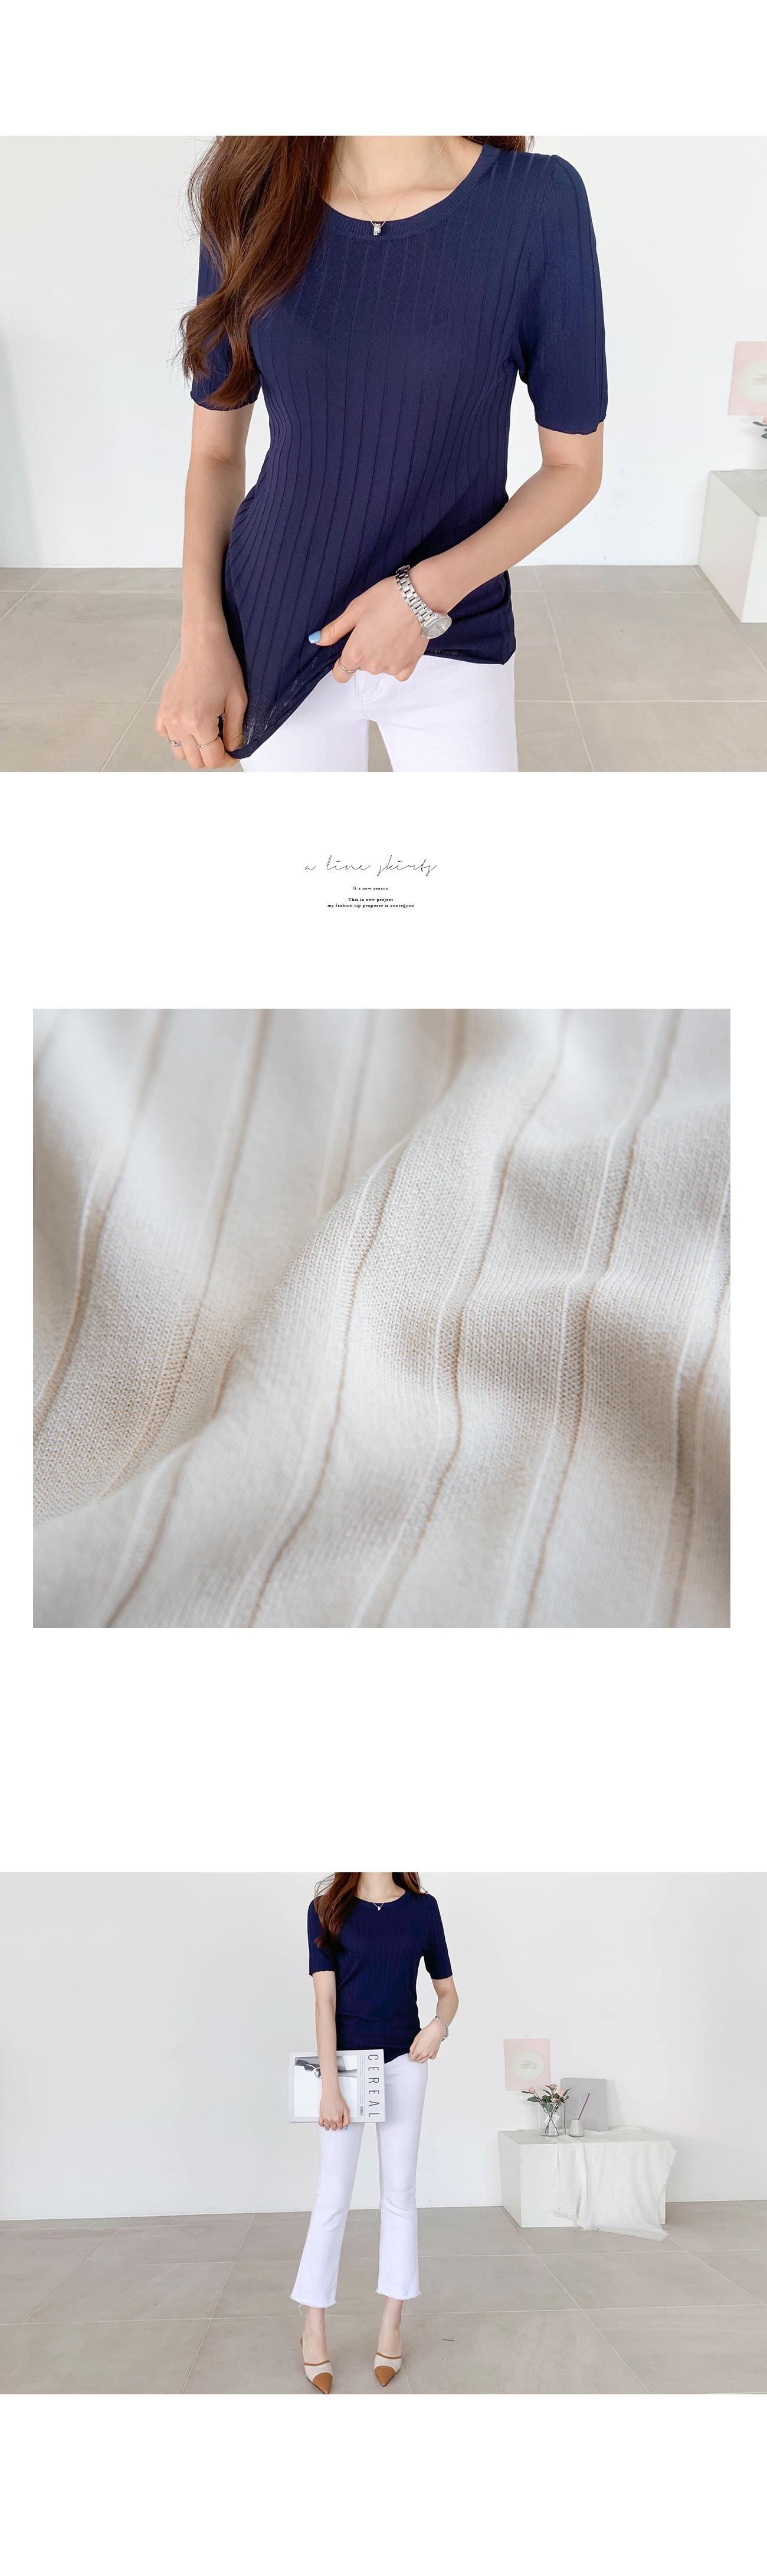 Diesel line slim knit #107092